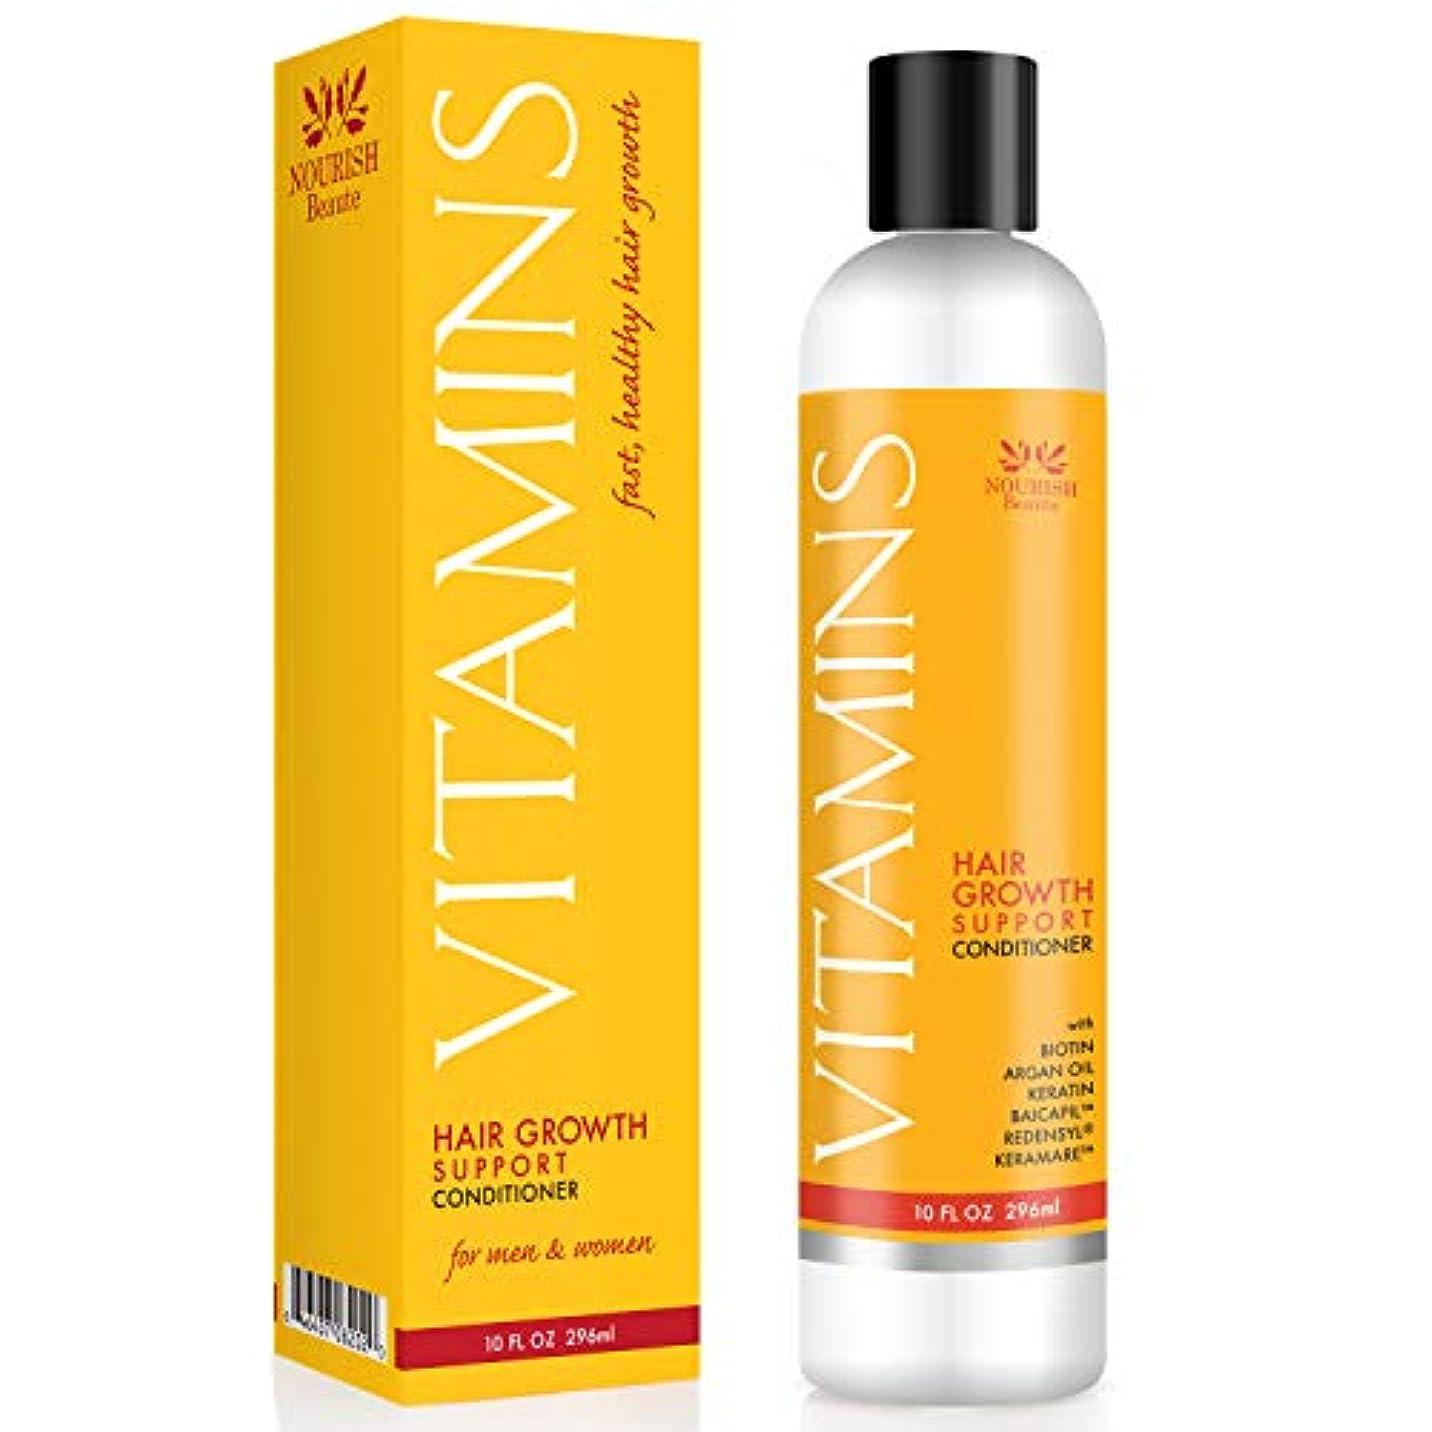 シーボード簡潔な船Vitamins - オーガニック 脱毛トリートメント コンディショナー Organic Hair Loss Treatment and Conditioner, 10 Ounce (296ml)